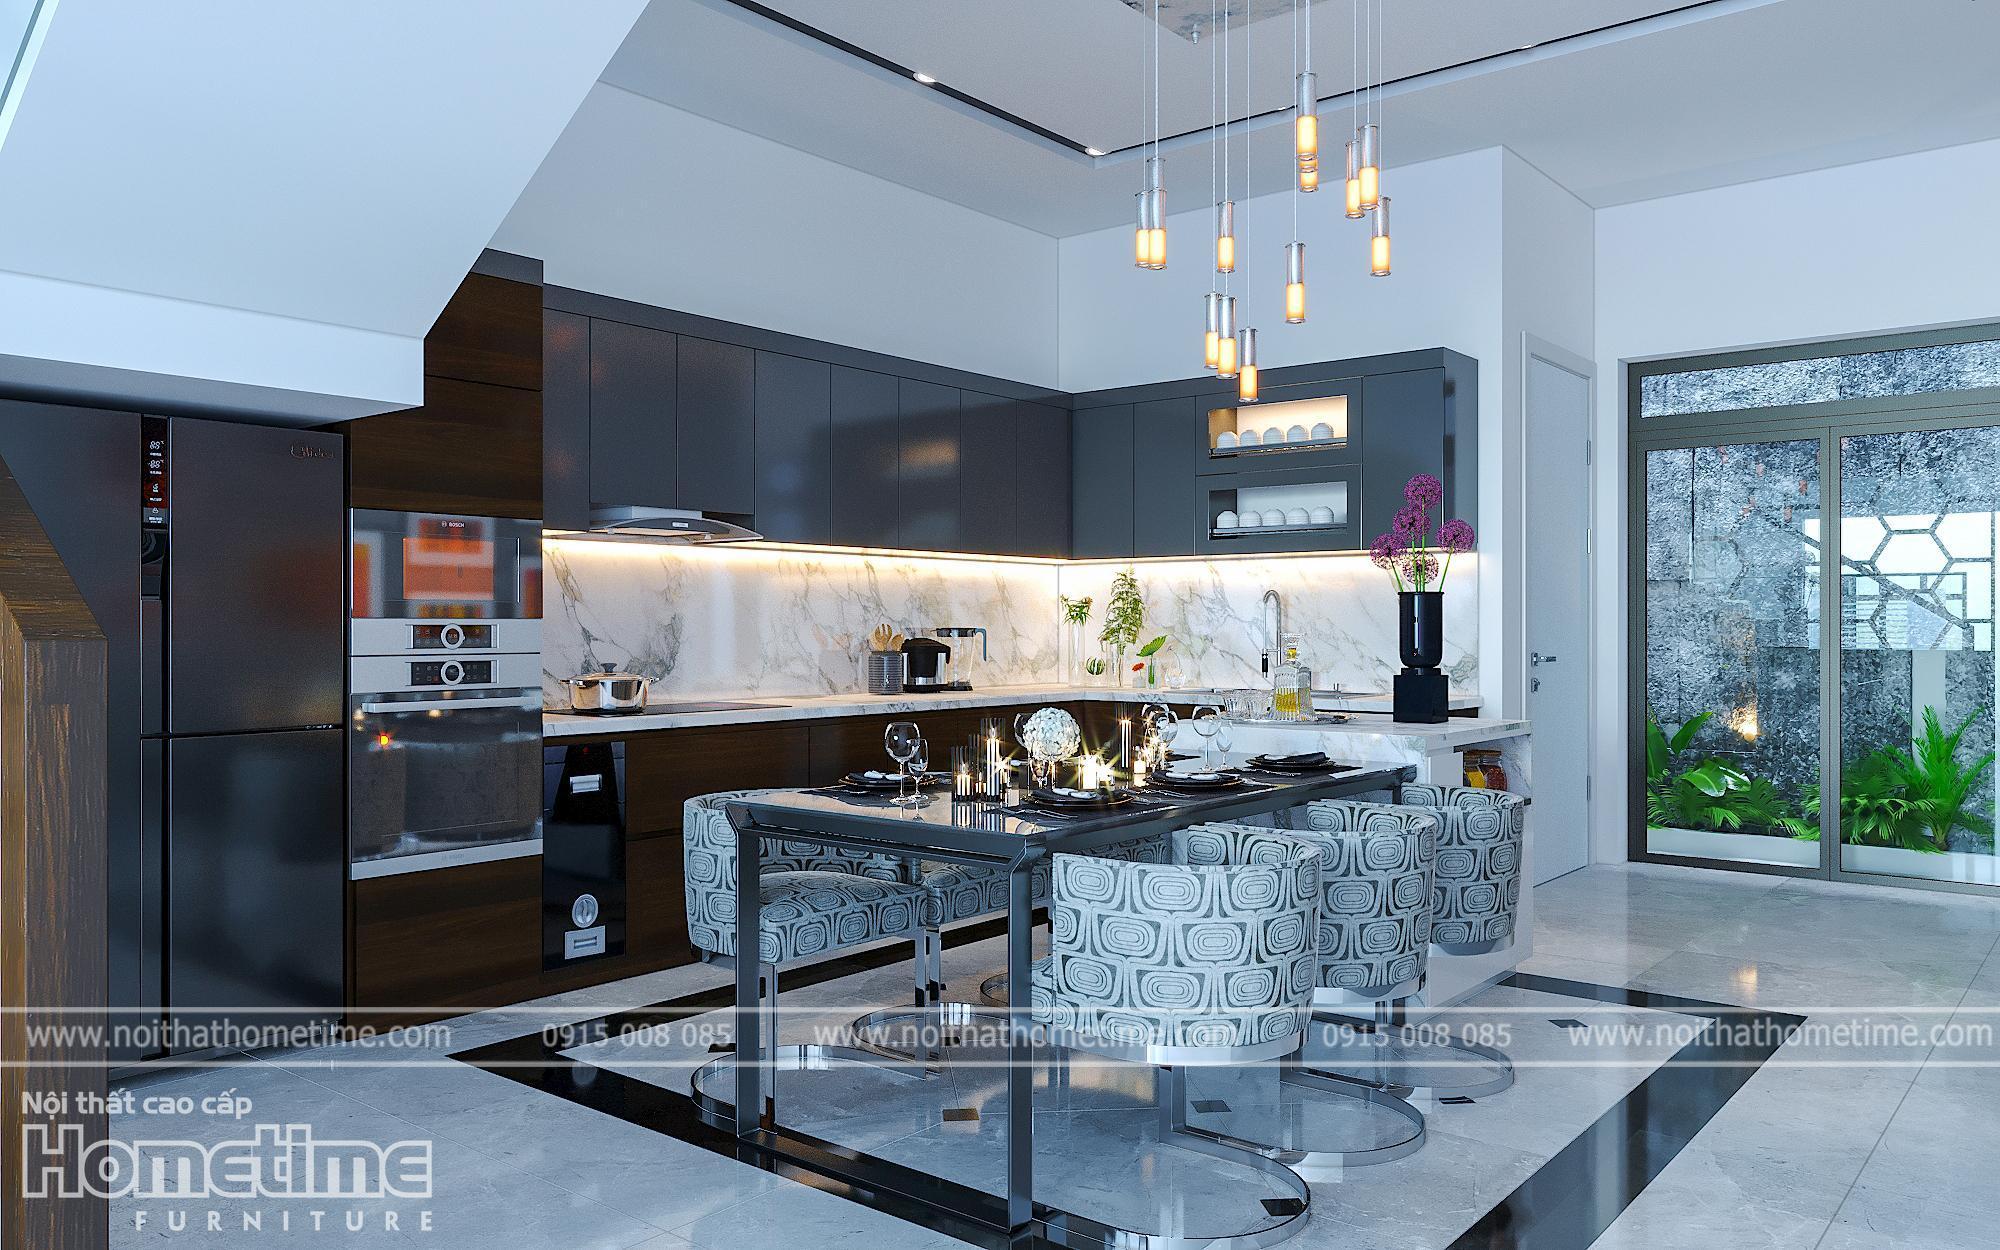 Phòng ăn kết hợp trực tiếp với khu vực đun nấu tiện dụng